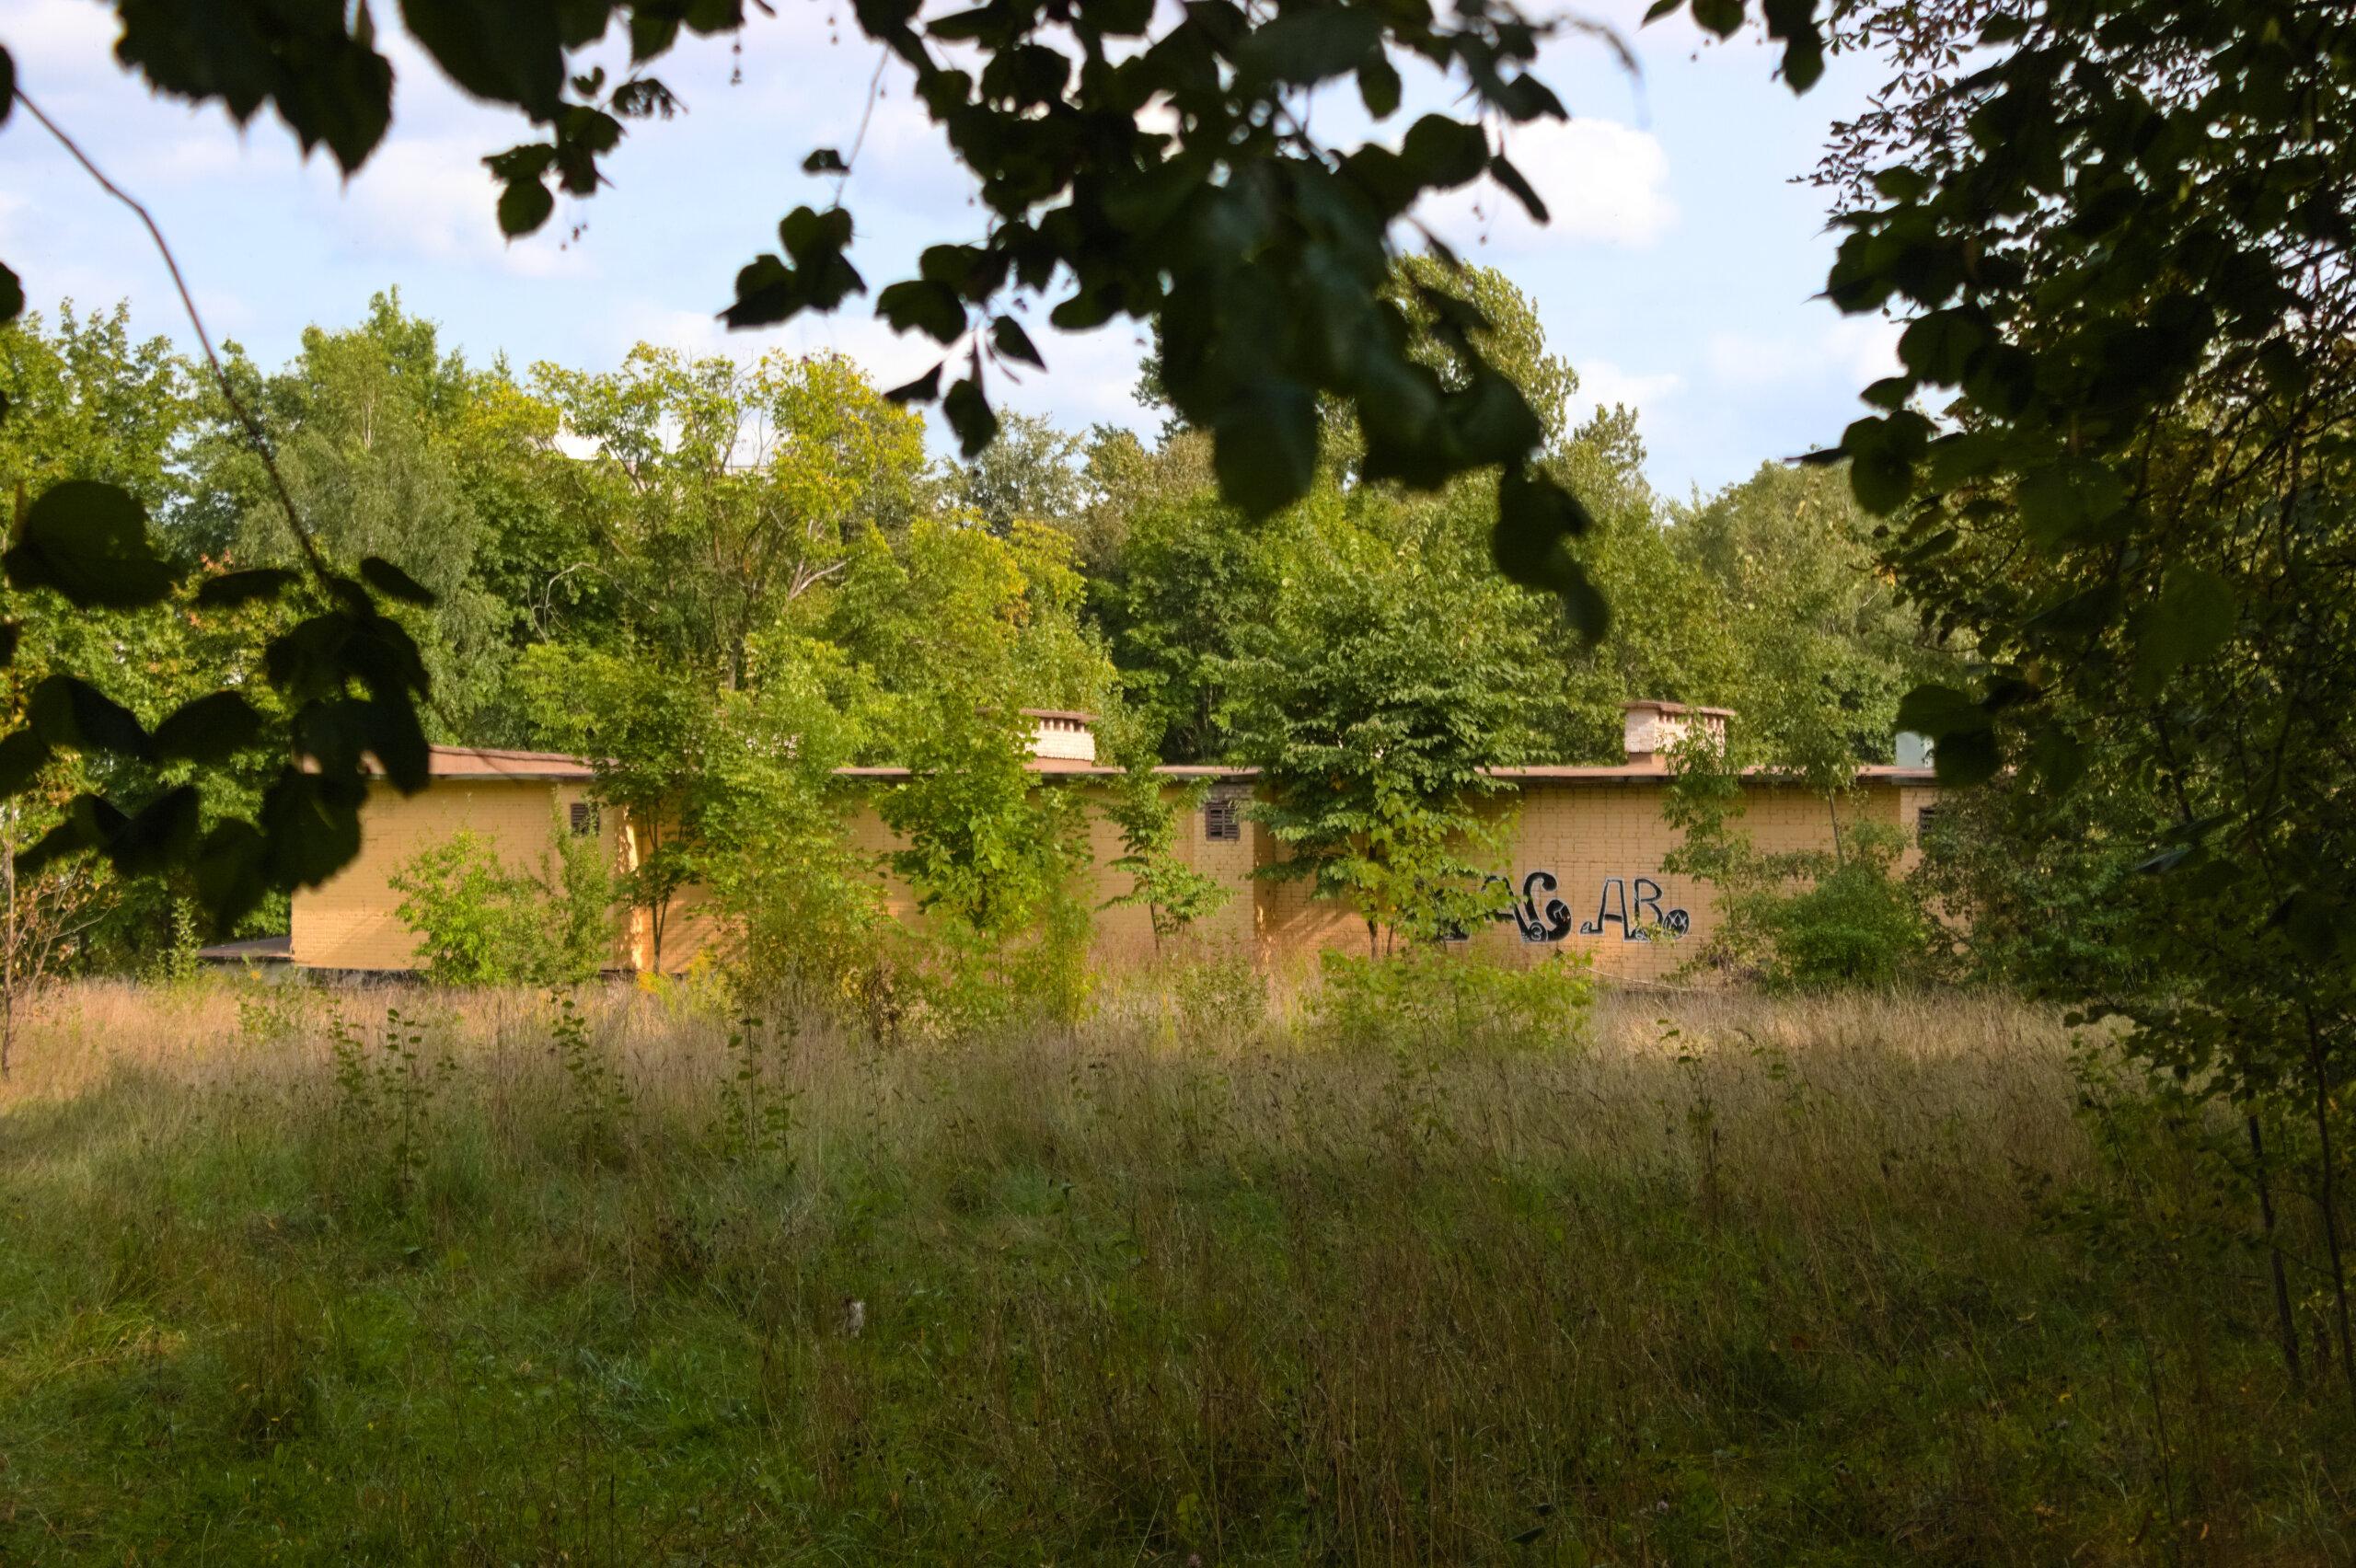 Карцер Шталаг 352, бывшее овощехранилище